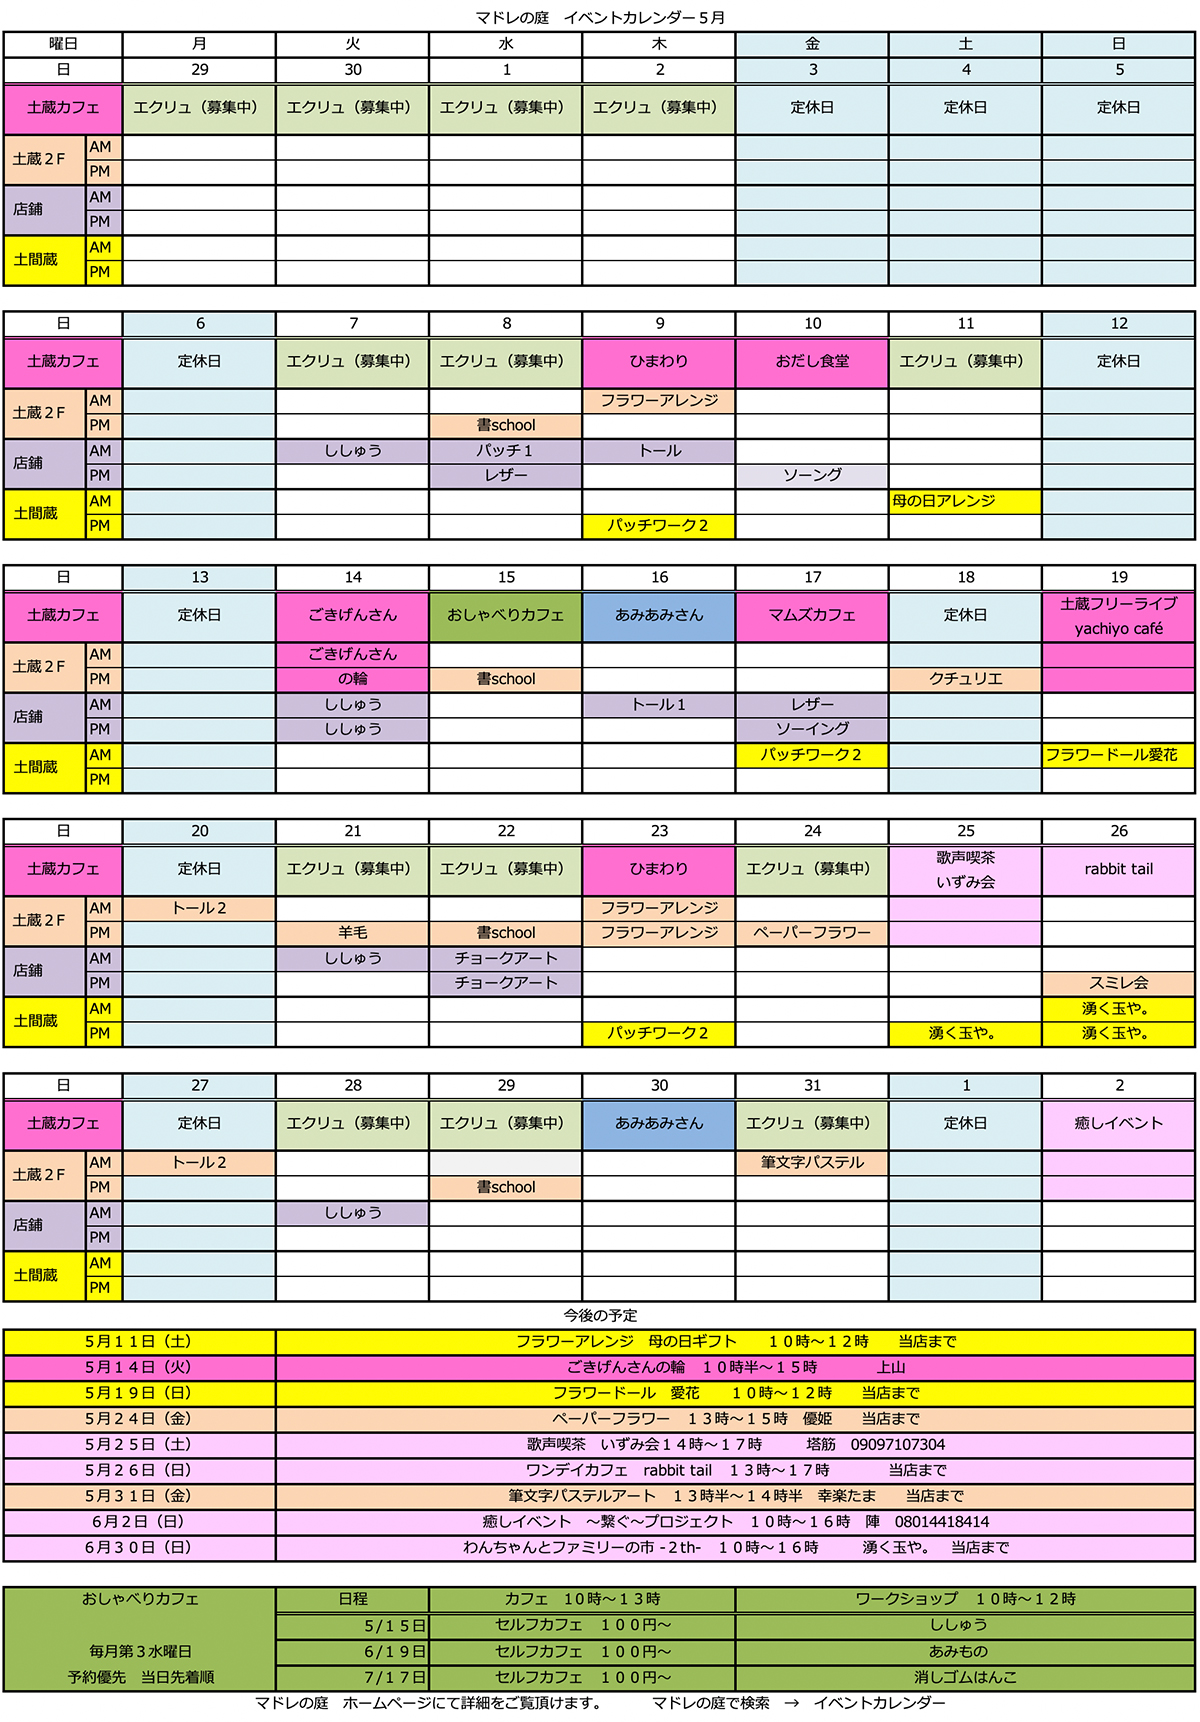 201905 泉大津市 マドレの庭イベントカレンダー レンタルカフェやクラフトワークショップなど開催日のお知らせです。